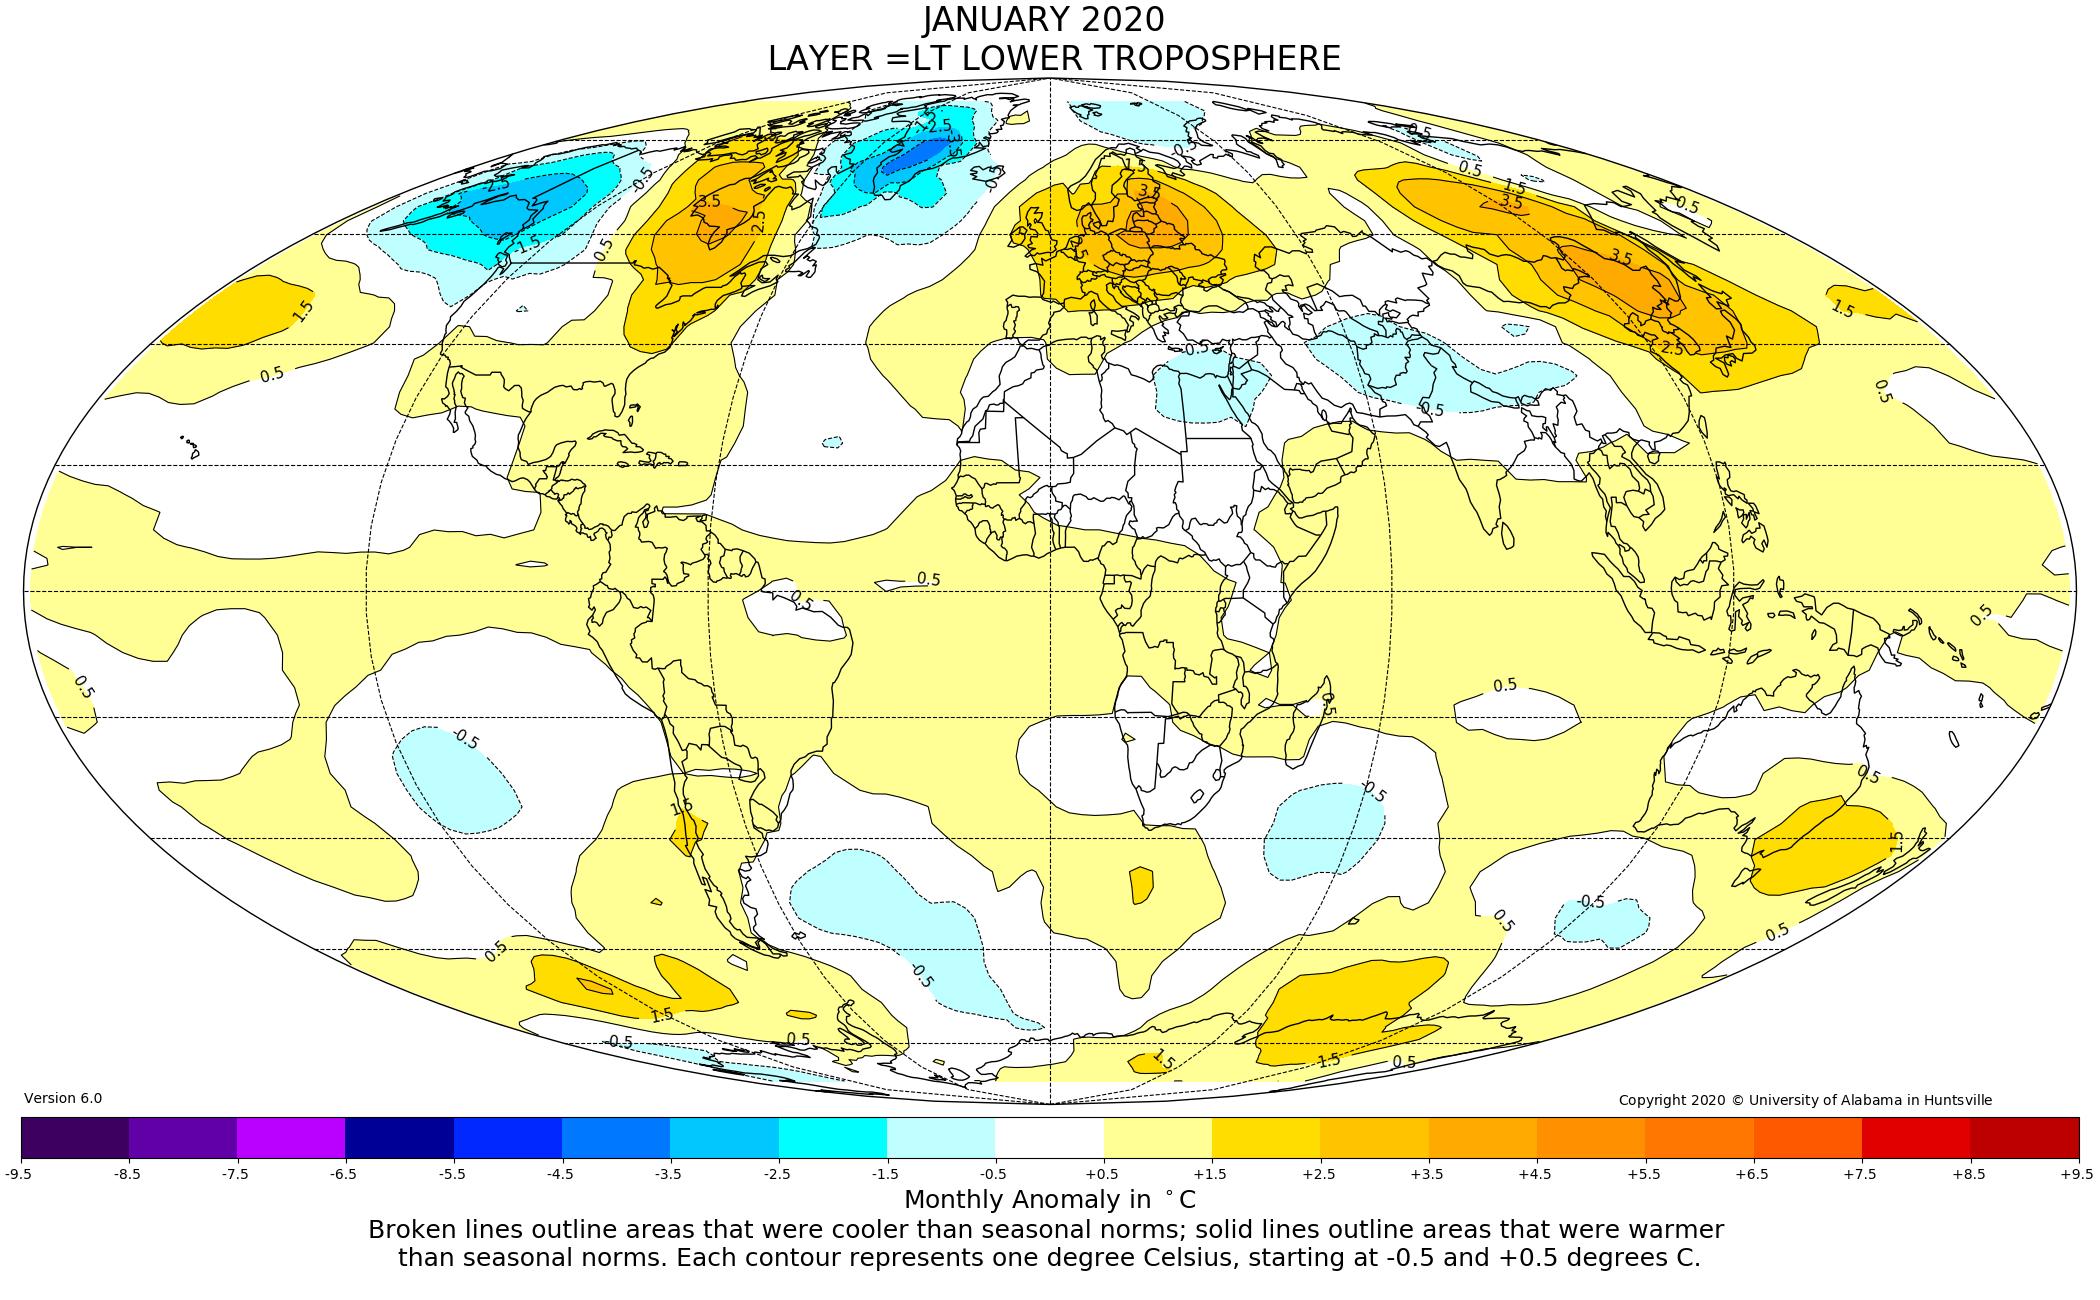 mappa anomalie termiche da satellite - europa caldo gennaio 2020